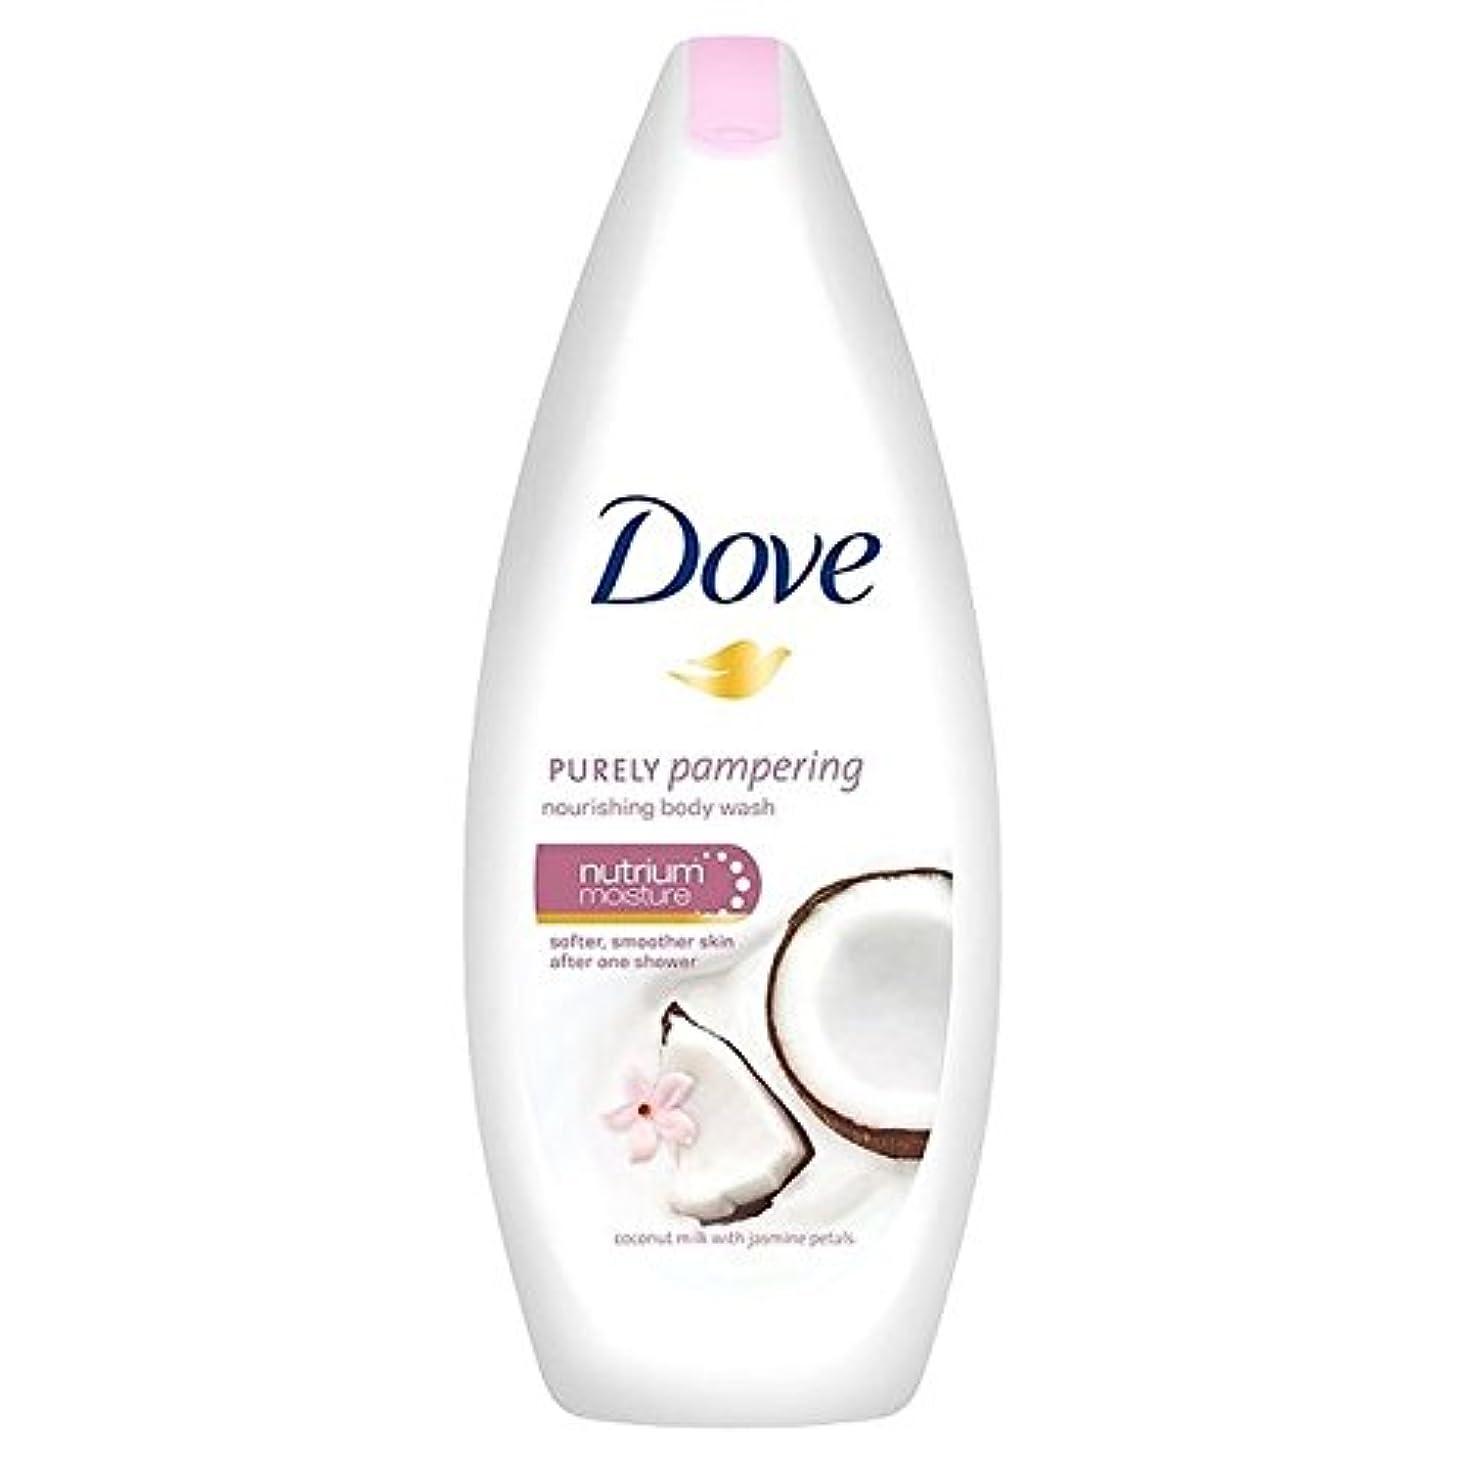 車両実験晴れ鳩純粋に甘やかすココナッツボディウォッシュ250ミリリットル x2 - Dove Purely Pampering Coconut Body Wash 250ml (Pack of 2) [並行輸入品]